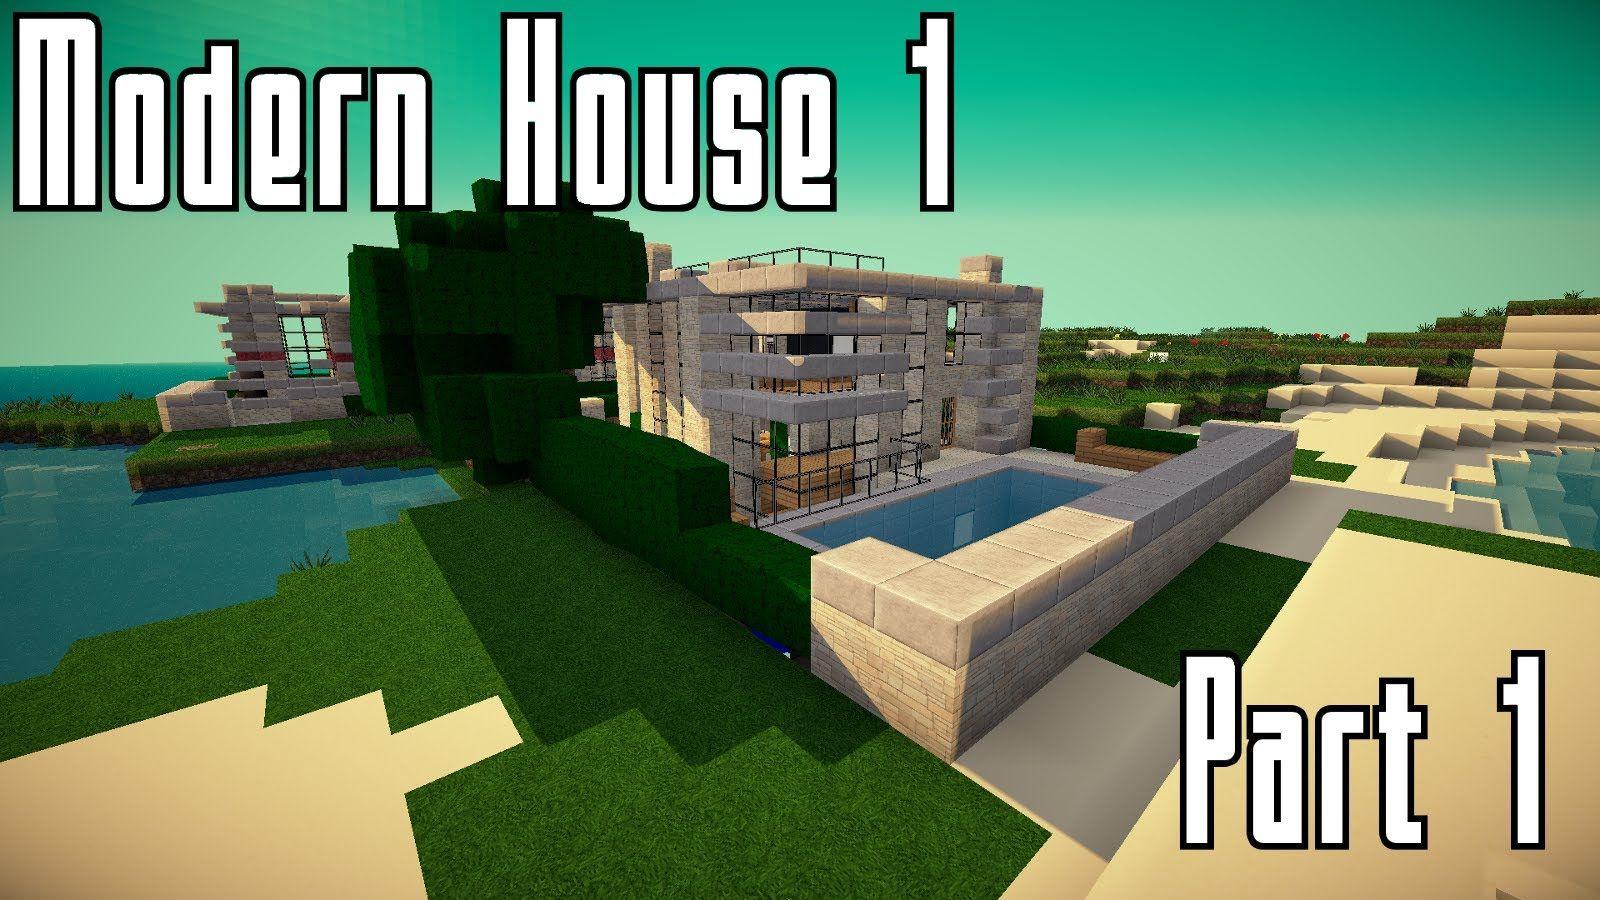 Minecraft Häuser Zum Nachbauen Minecraft Pinterest - Minecraft pe hauser zum nachbauen